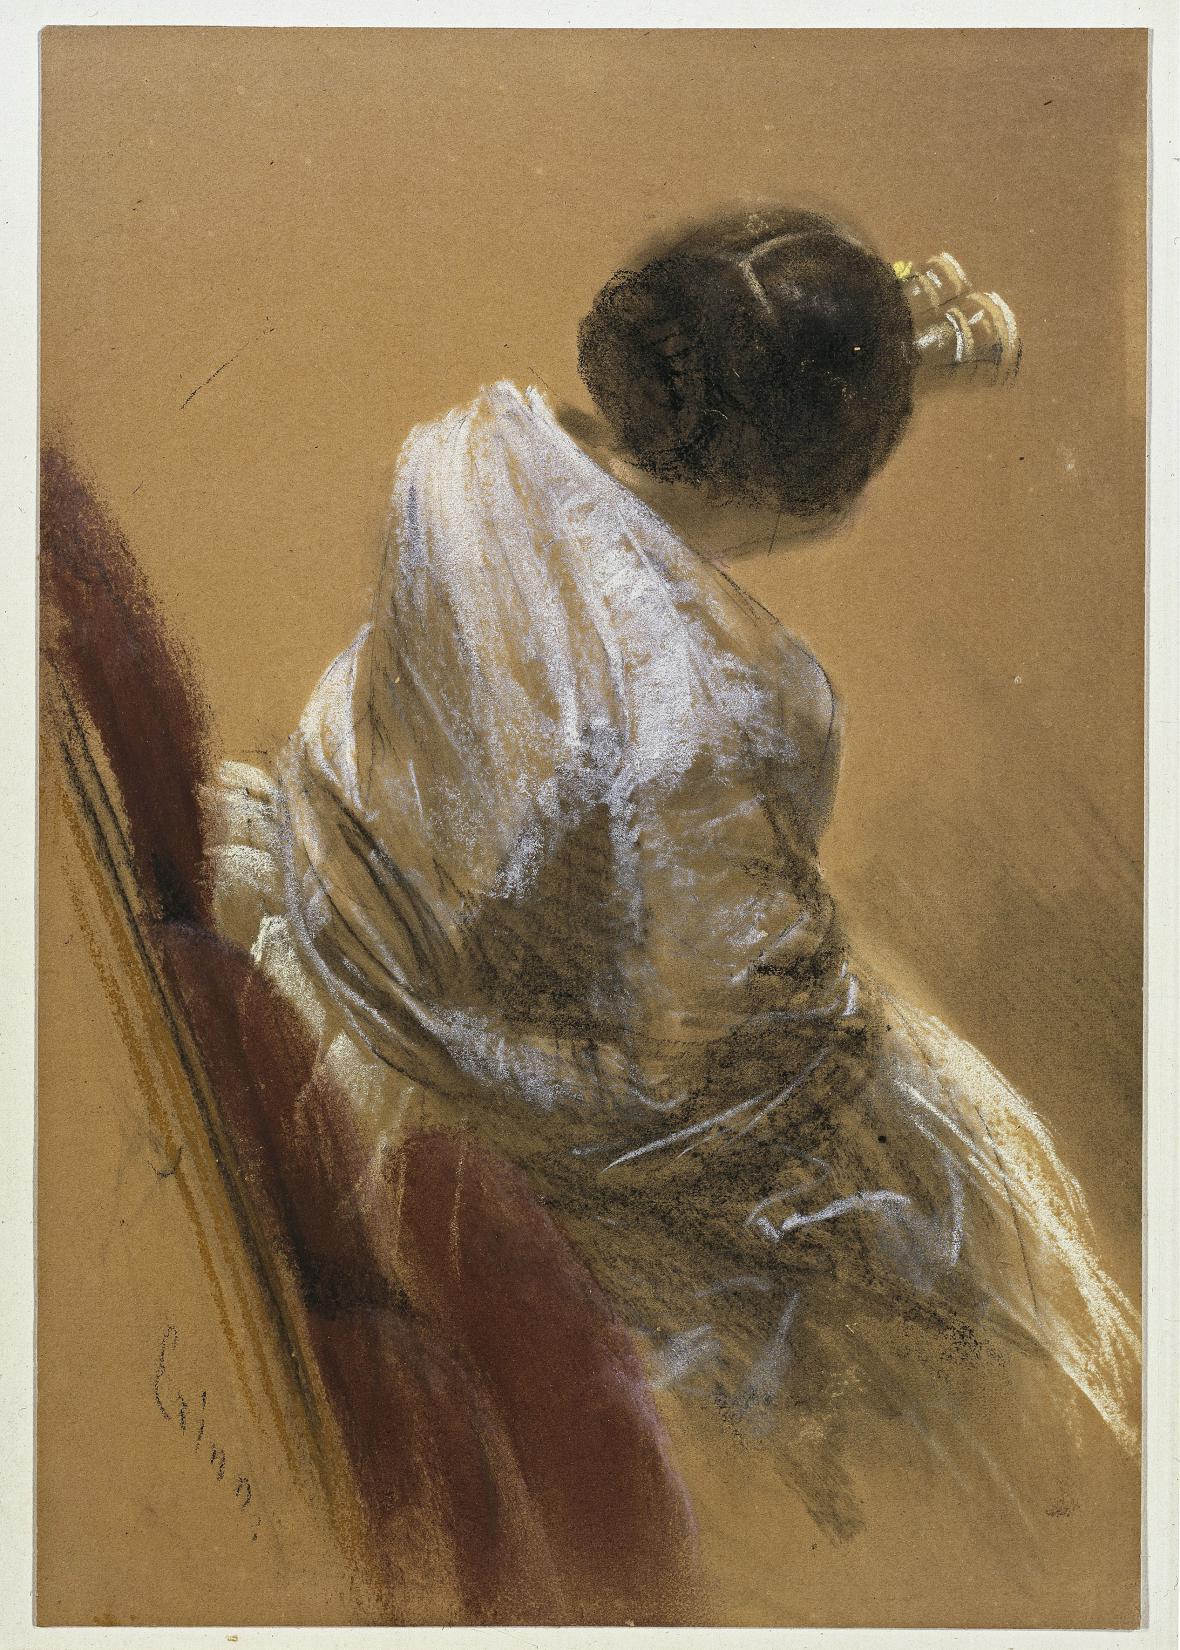 Adolph Menzel / Dáma s kukátkem, kolem 1850